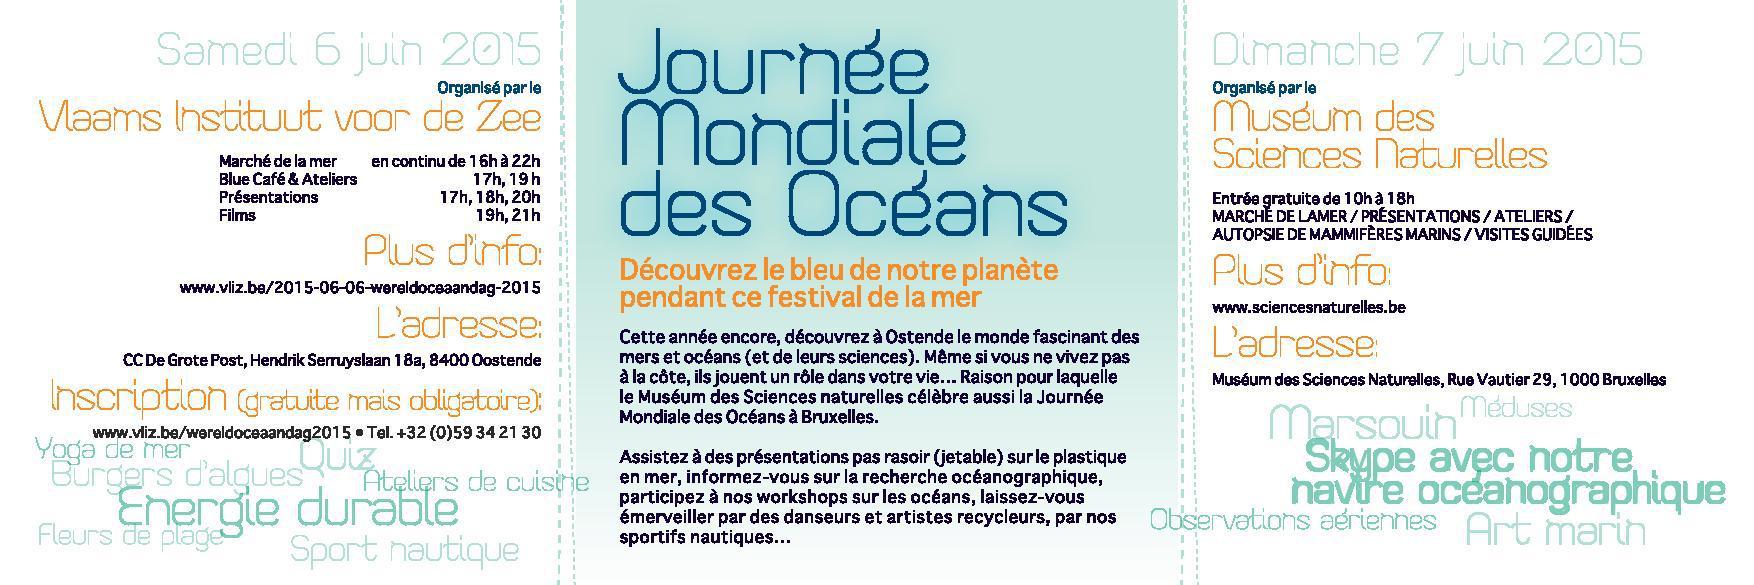 Journée Mondiale des Océans 2015 b